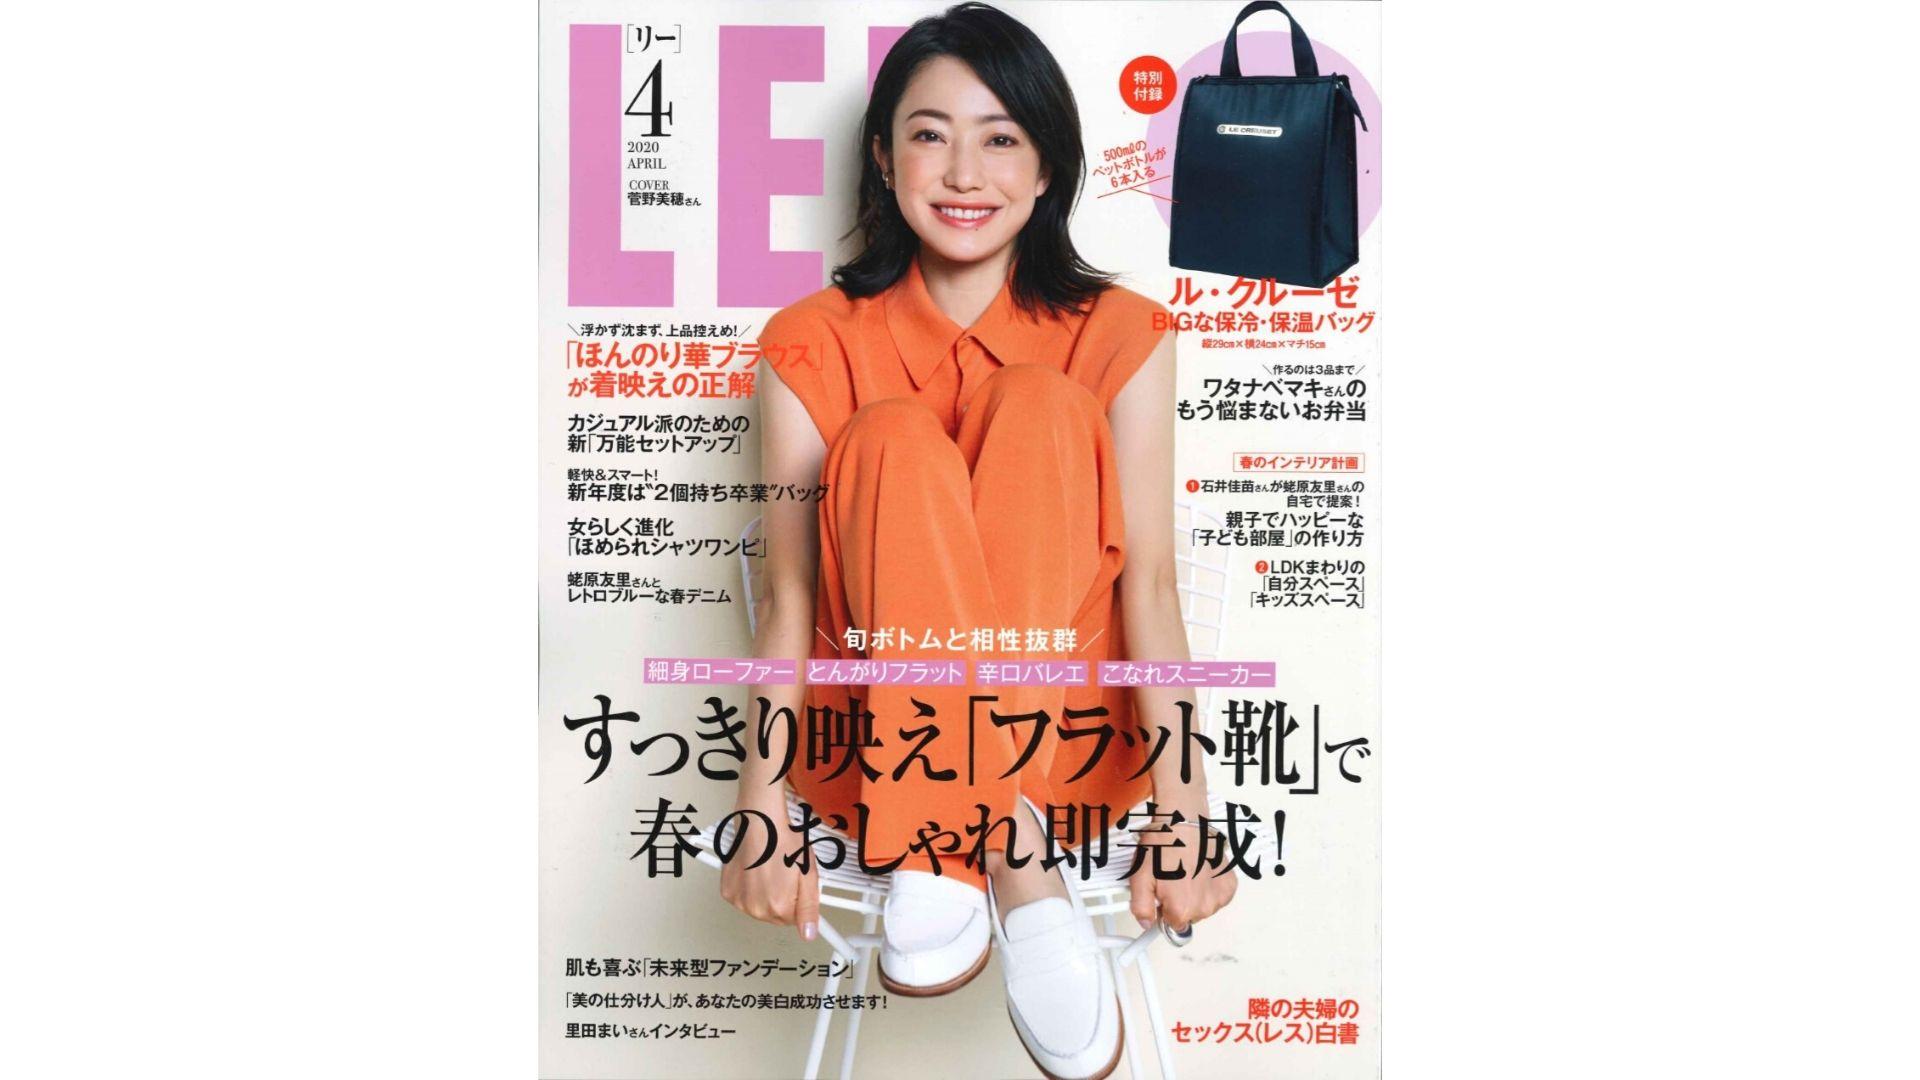 【メディア掲載情報】雑誌「LEE」にdevirockの商品が掲載されました。